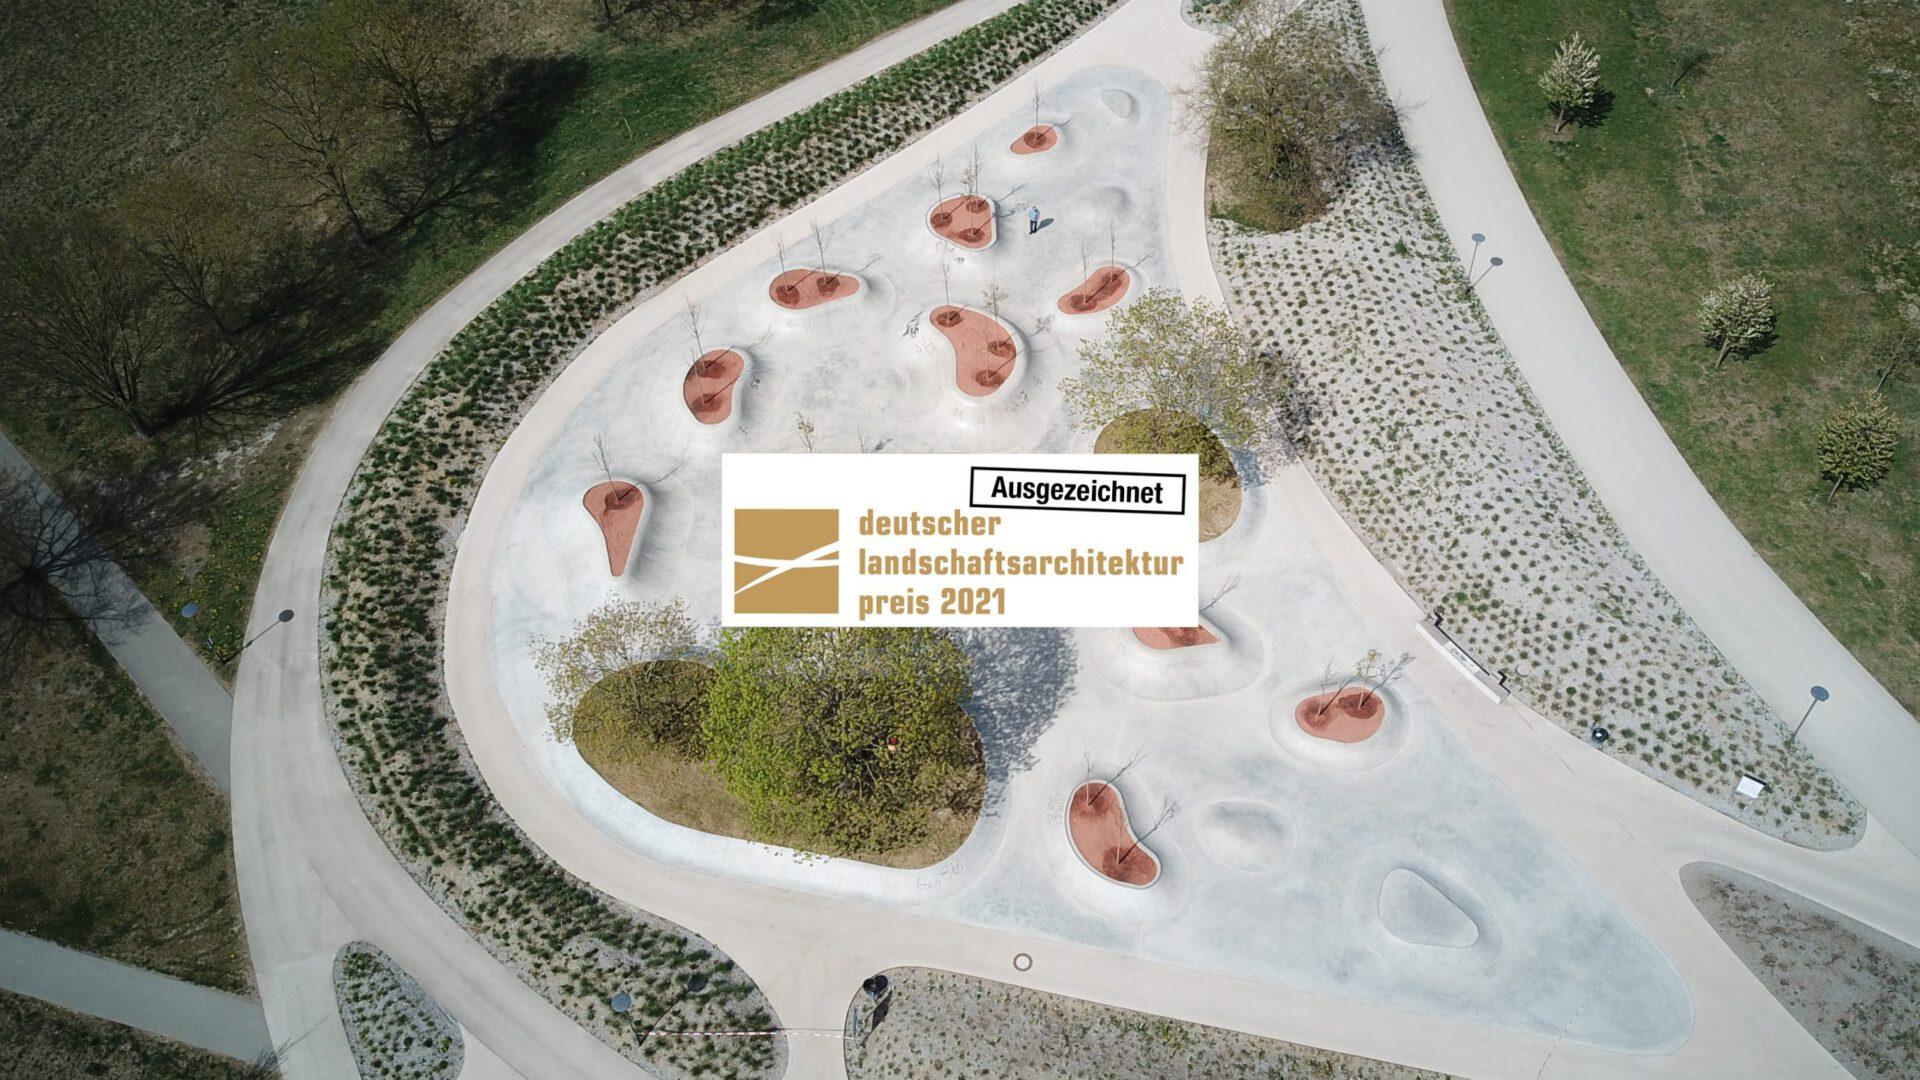 Maier Landschaftsarchitektur - bdla-Preis 2021 - Bewegungslandschaft Reese Kaserne, Augsburg